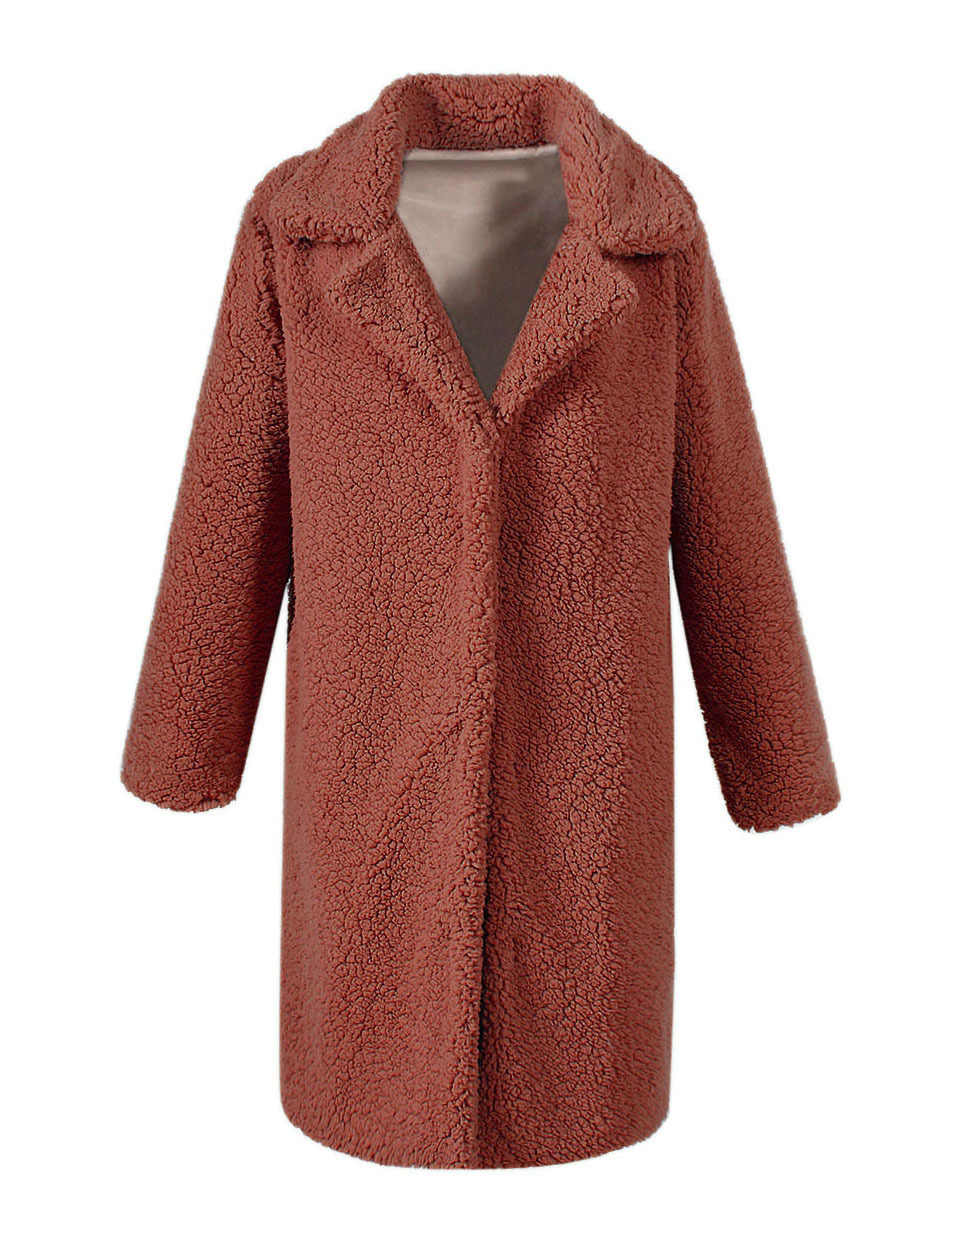 SWYIVY ขนสัตว์ Faux เสื้อโค้ทยาว 2019 ฤดูหนาวขนปุยยาวเสื้อขนสัตว์แฟชั่นหนา Outwear เปิด Stitch Plus ขนาด Xxxl